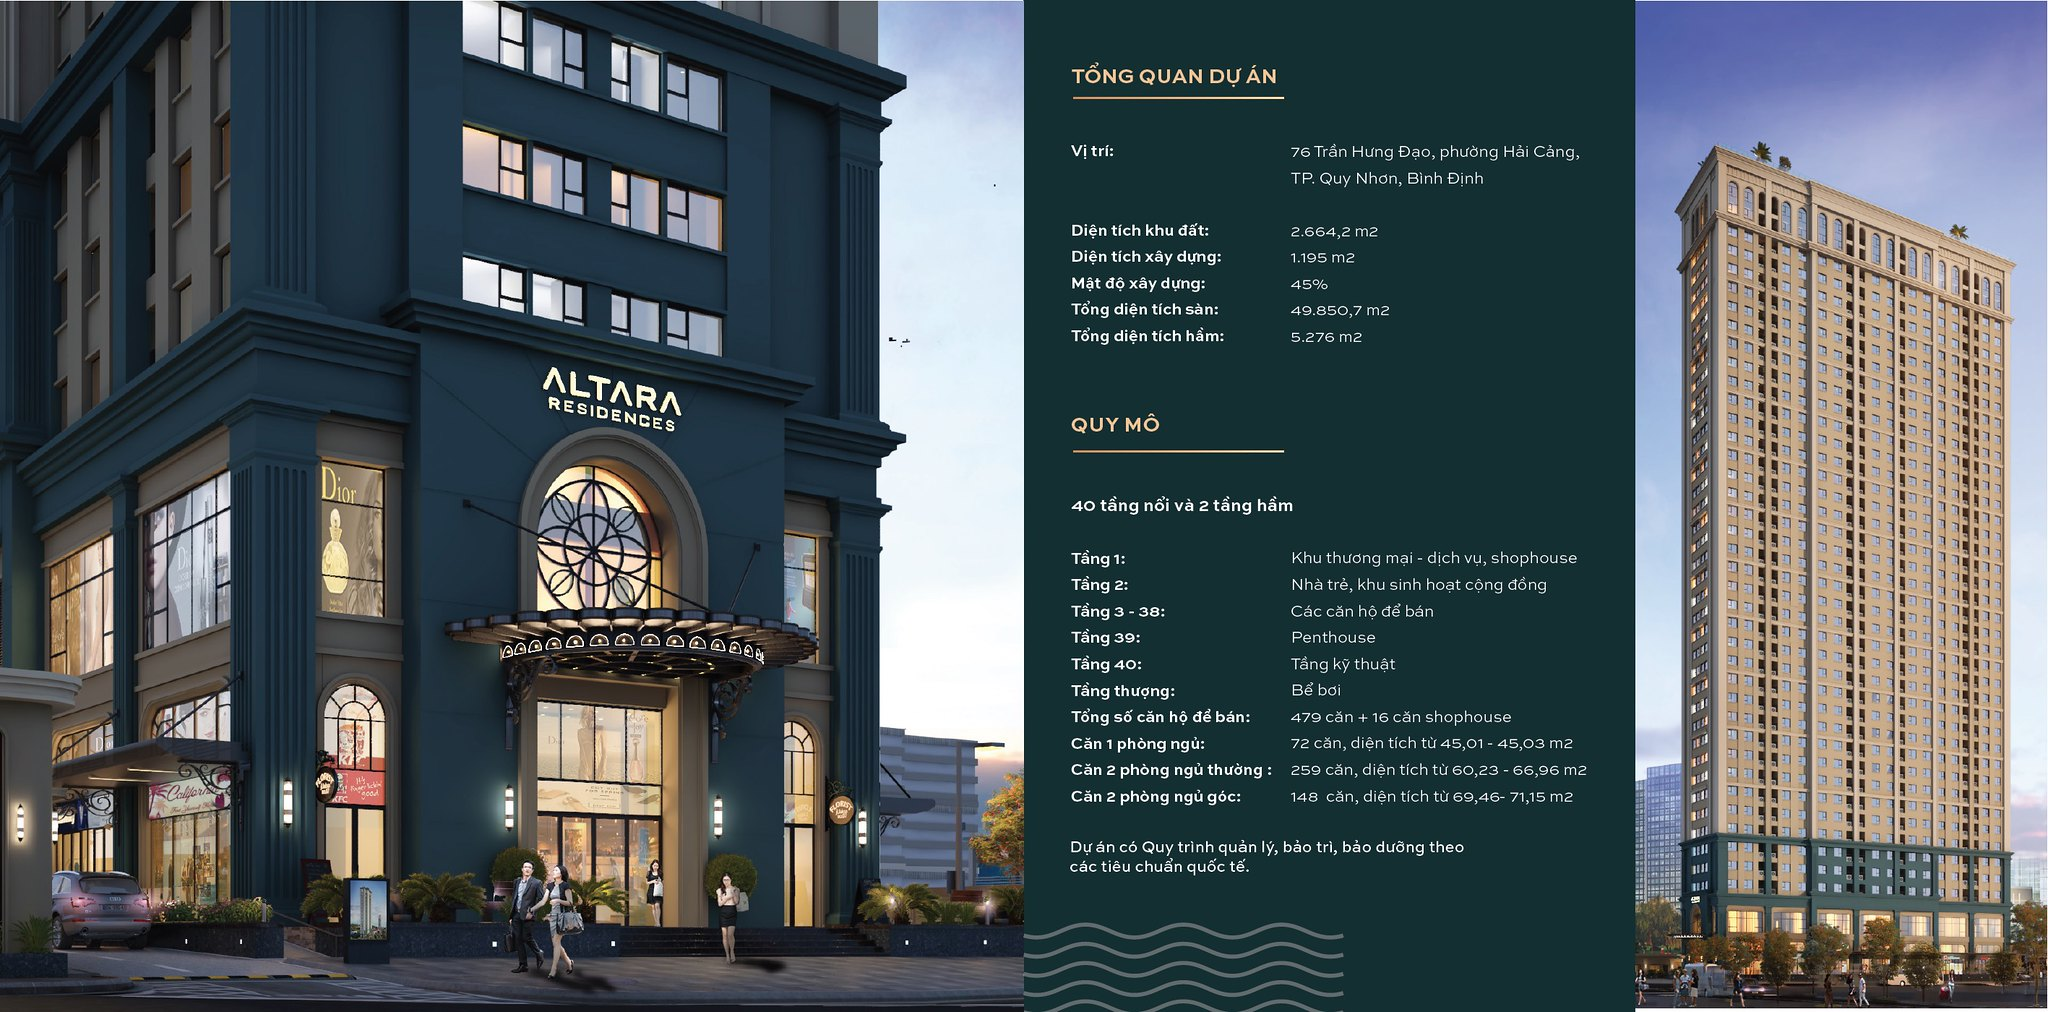 Tổng quan dự án Altara Quy Nhơn